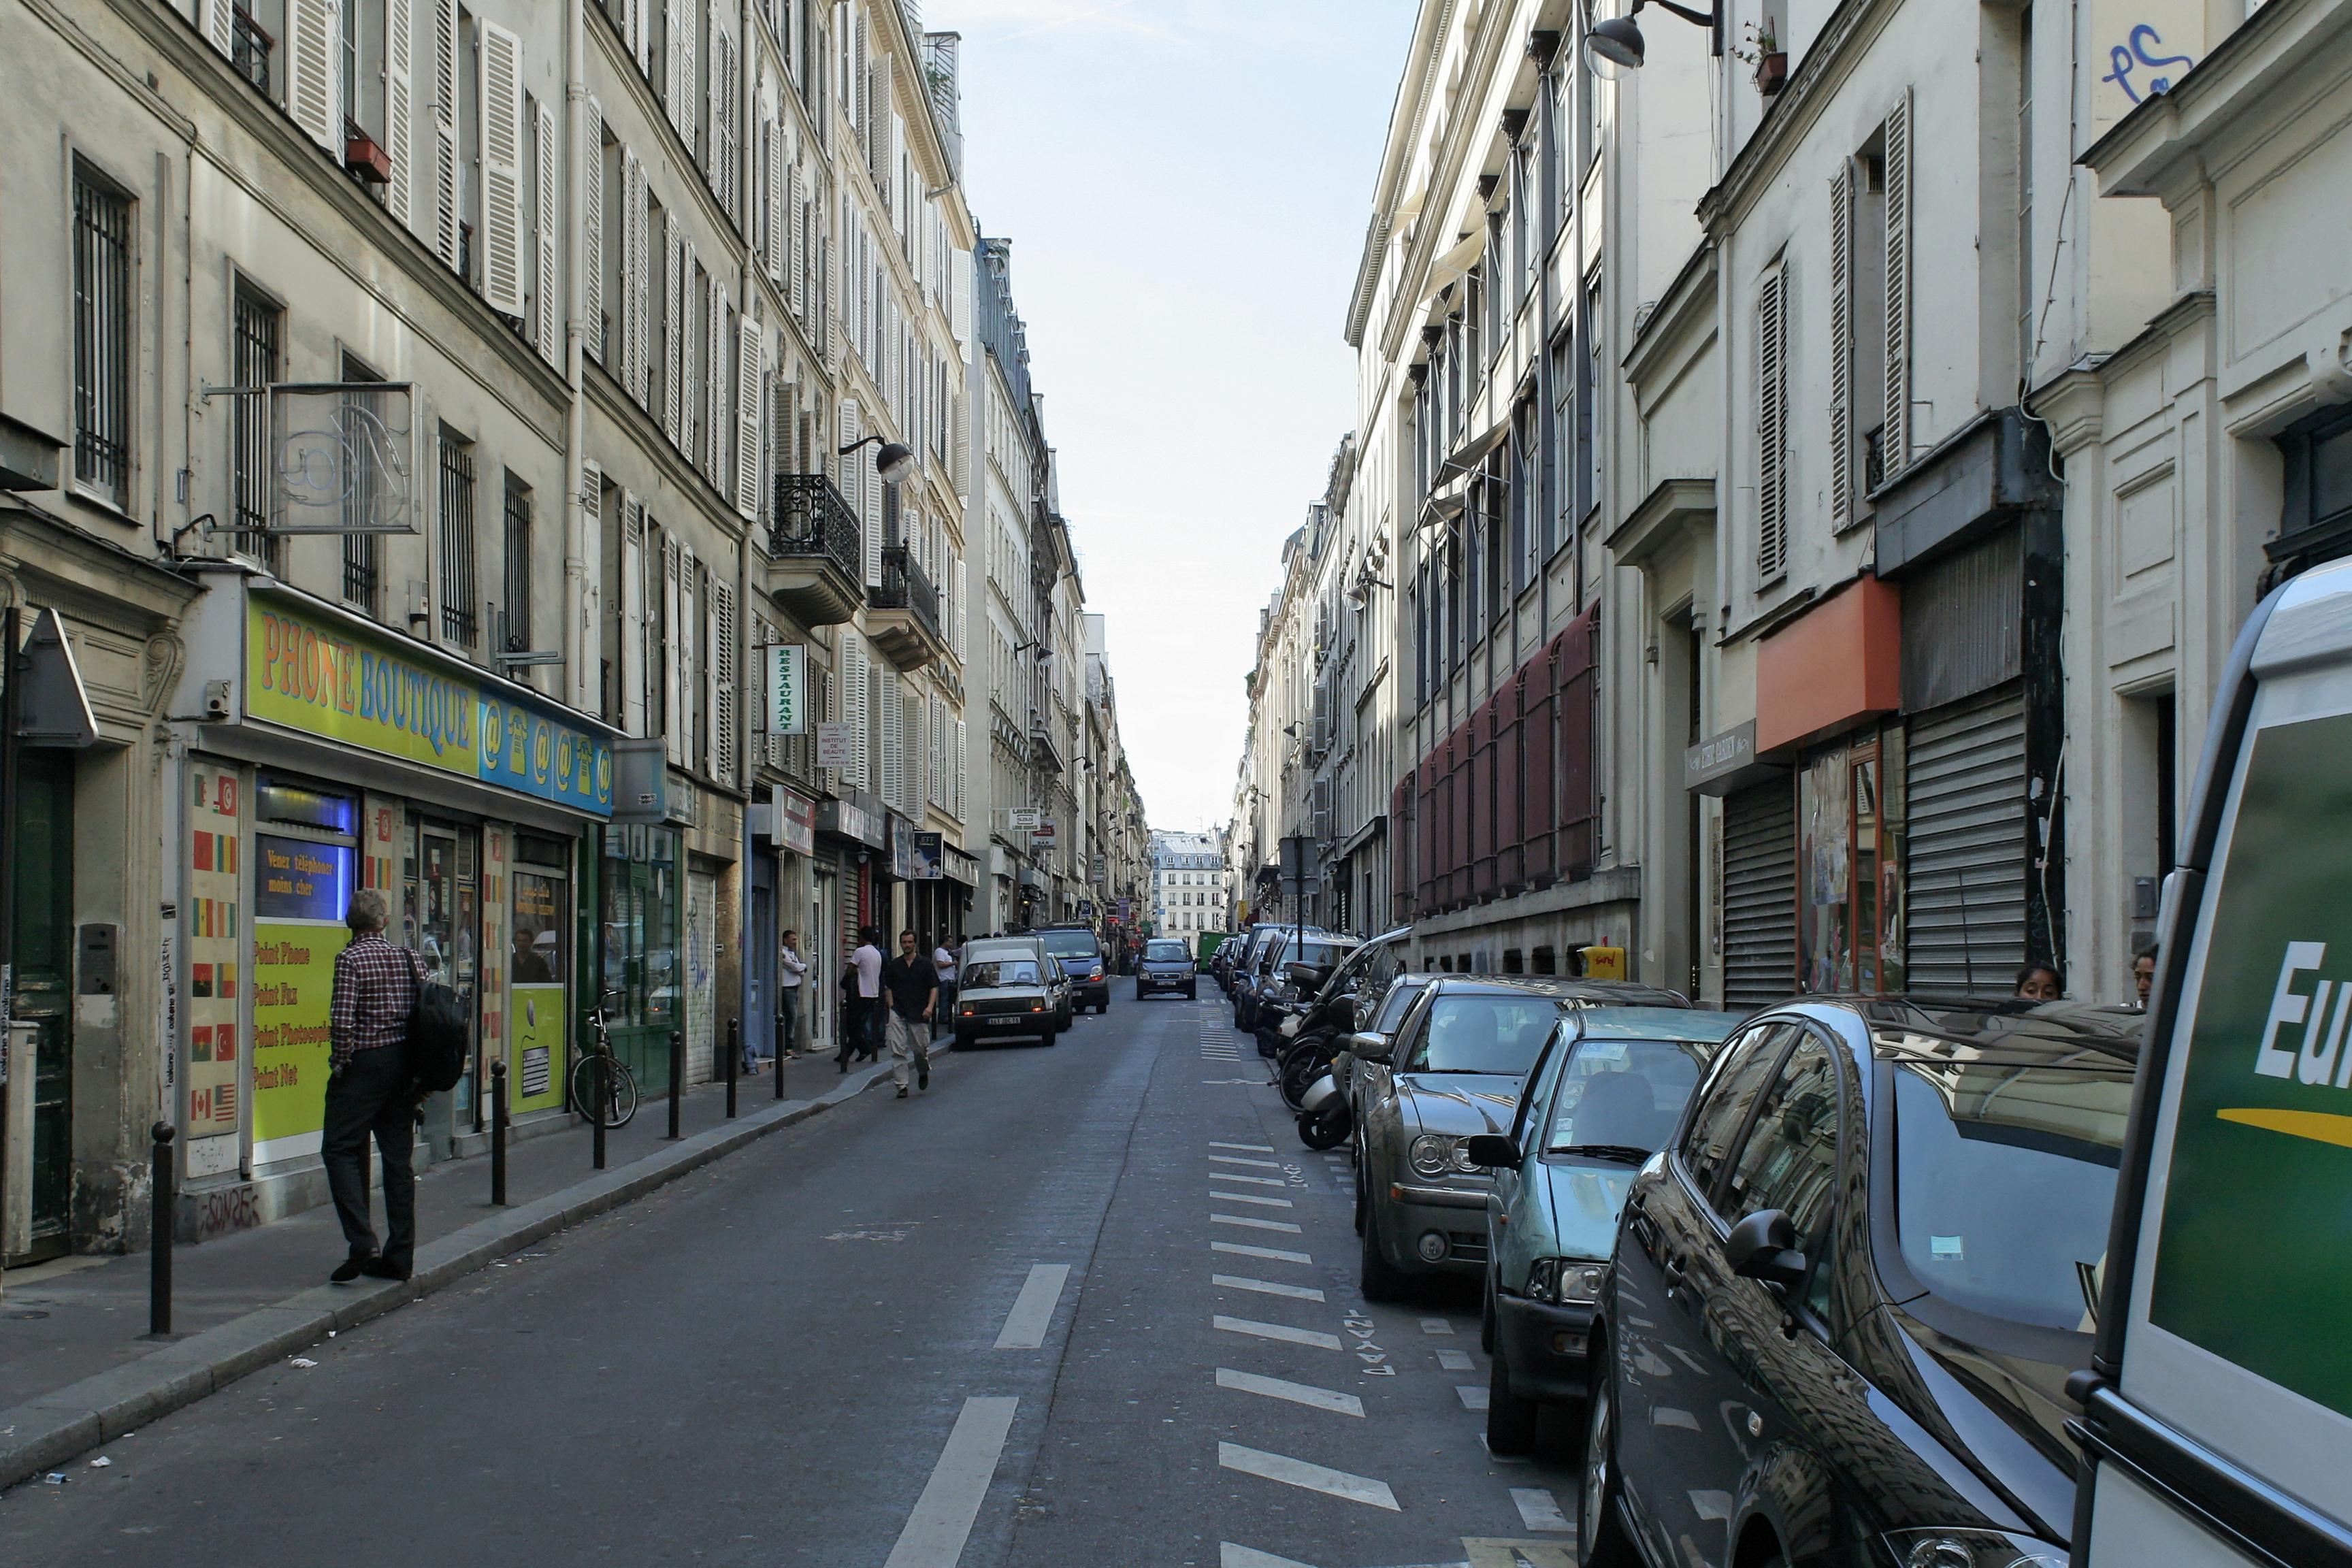 Rue d finition c 39 est quoi for Bains de lea paris